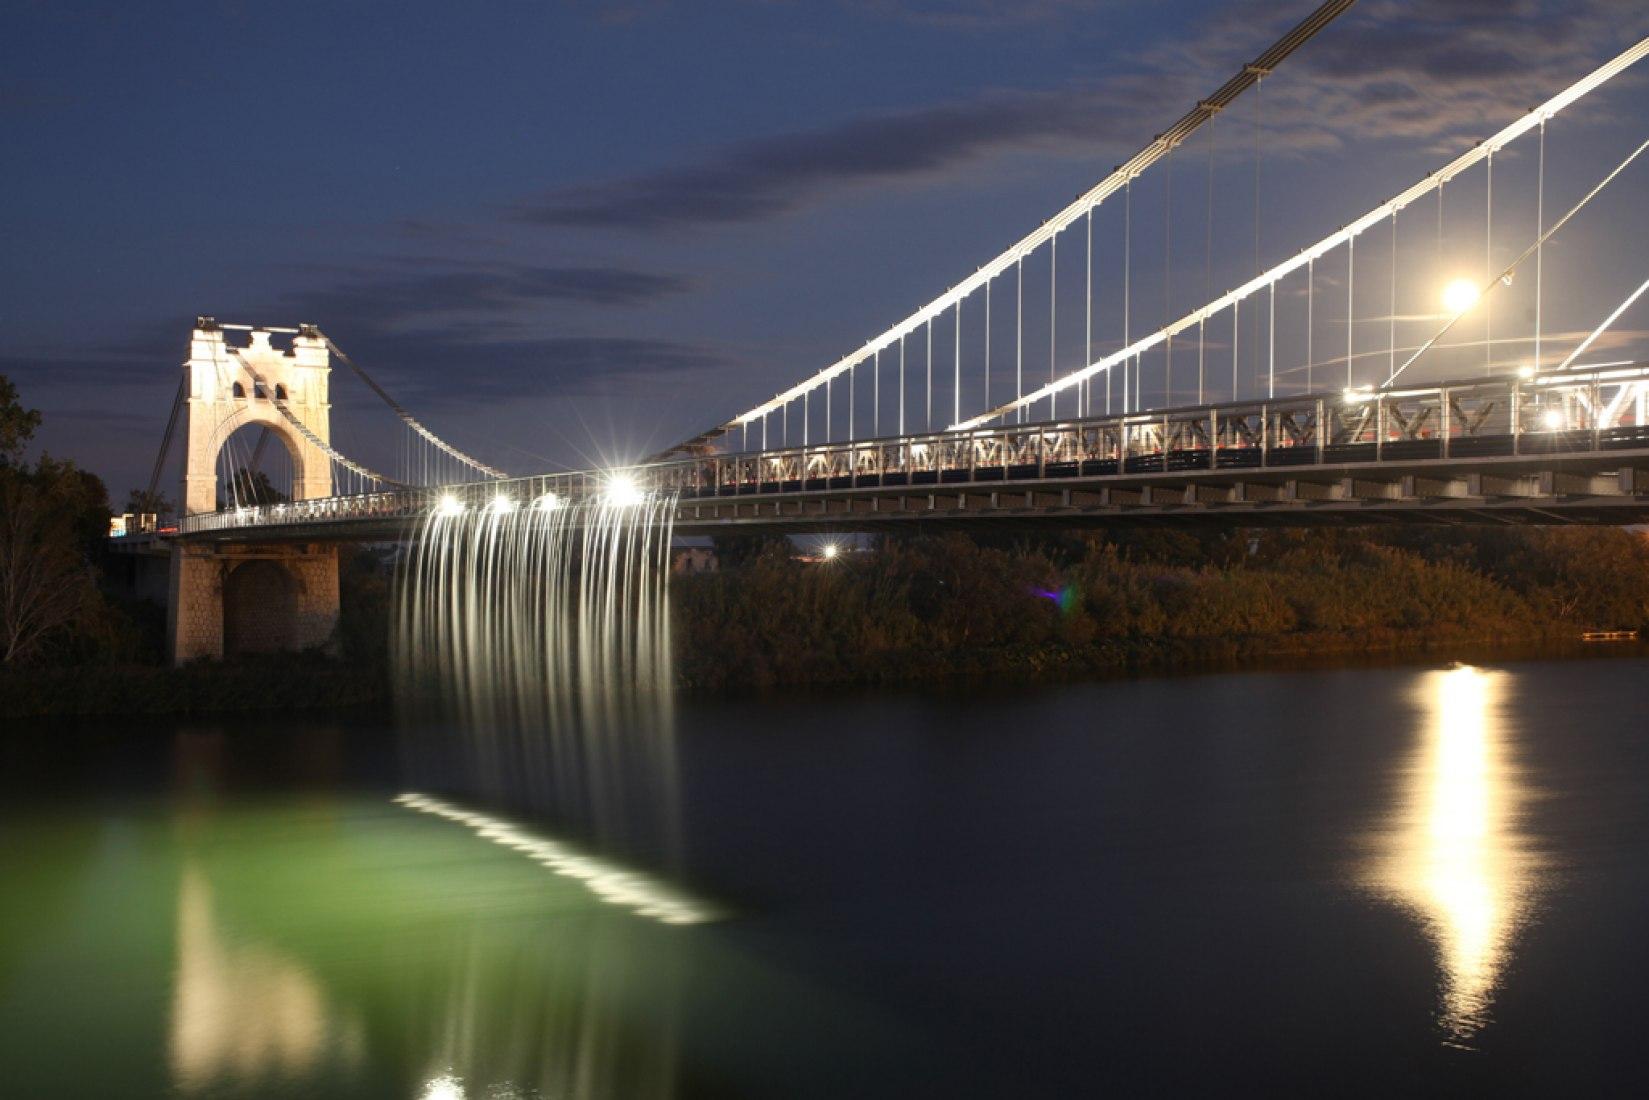 Intervención en el puente colgante de Amposta por el estudio de Ana Morcillo y Jonathan Rule. Fotografía por José Luís Sellart.